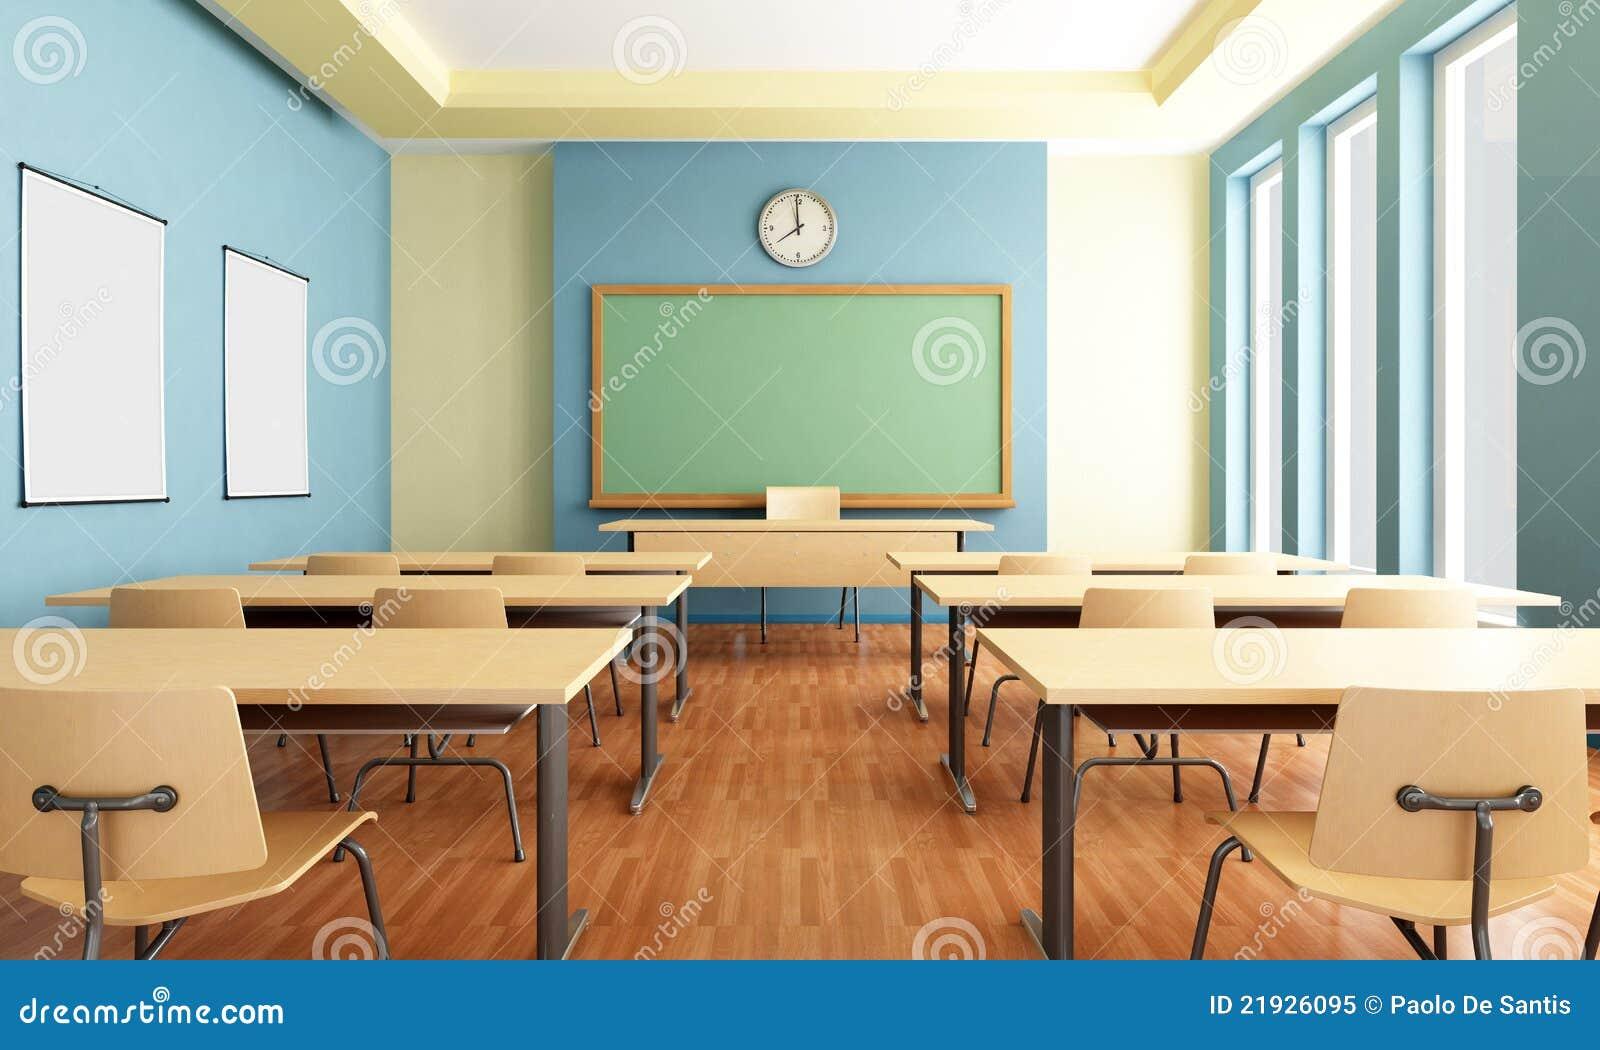 Z Classroom Design : Sala de clase vacía foto archivo libre regalías